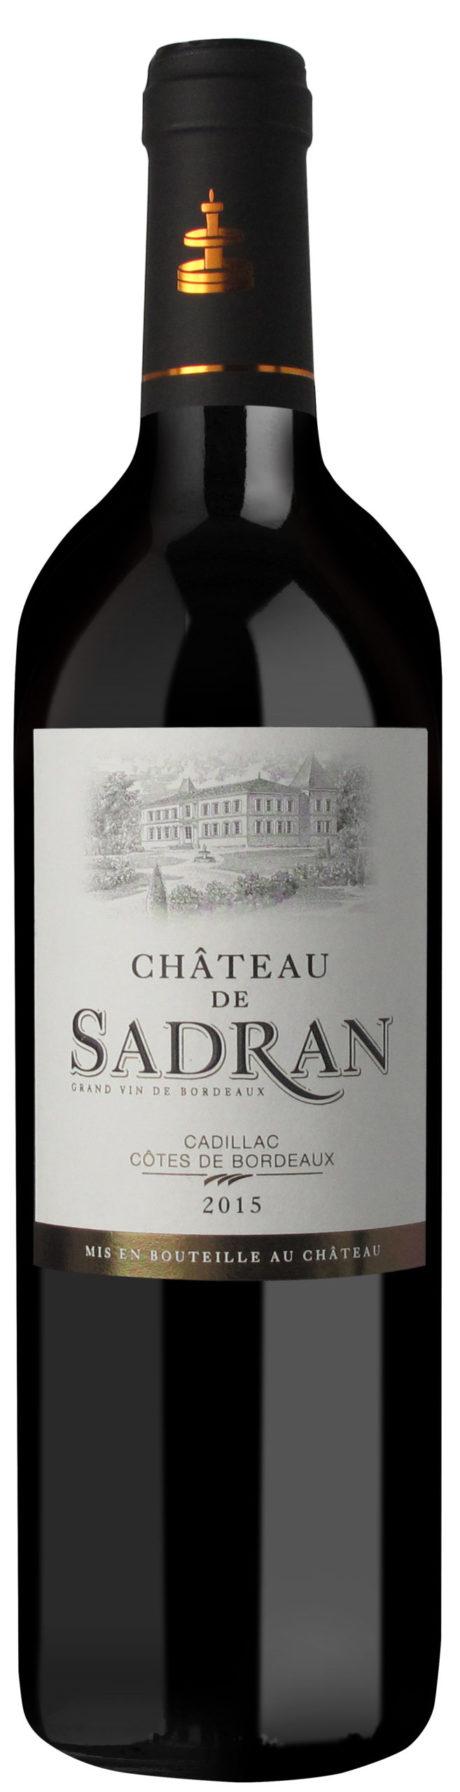 Château Sadran bouteille